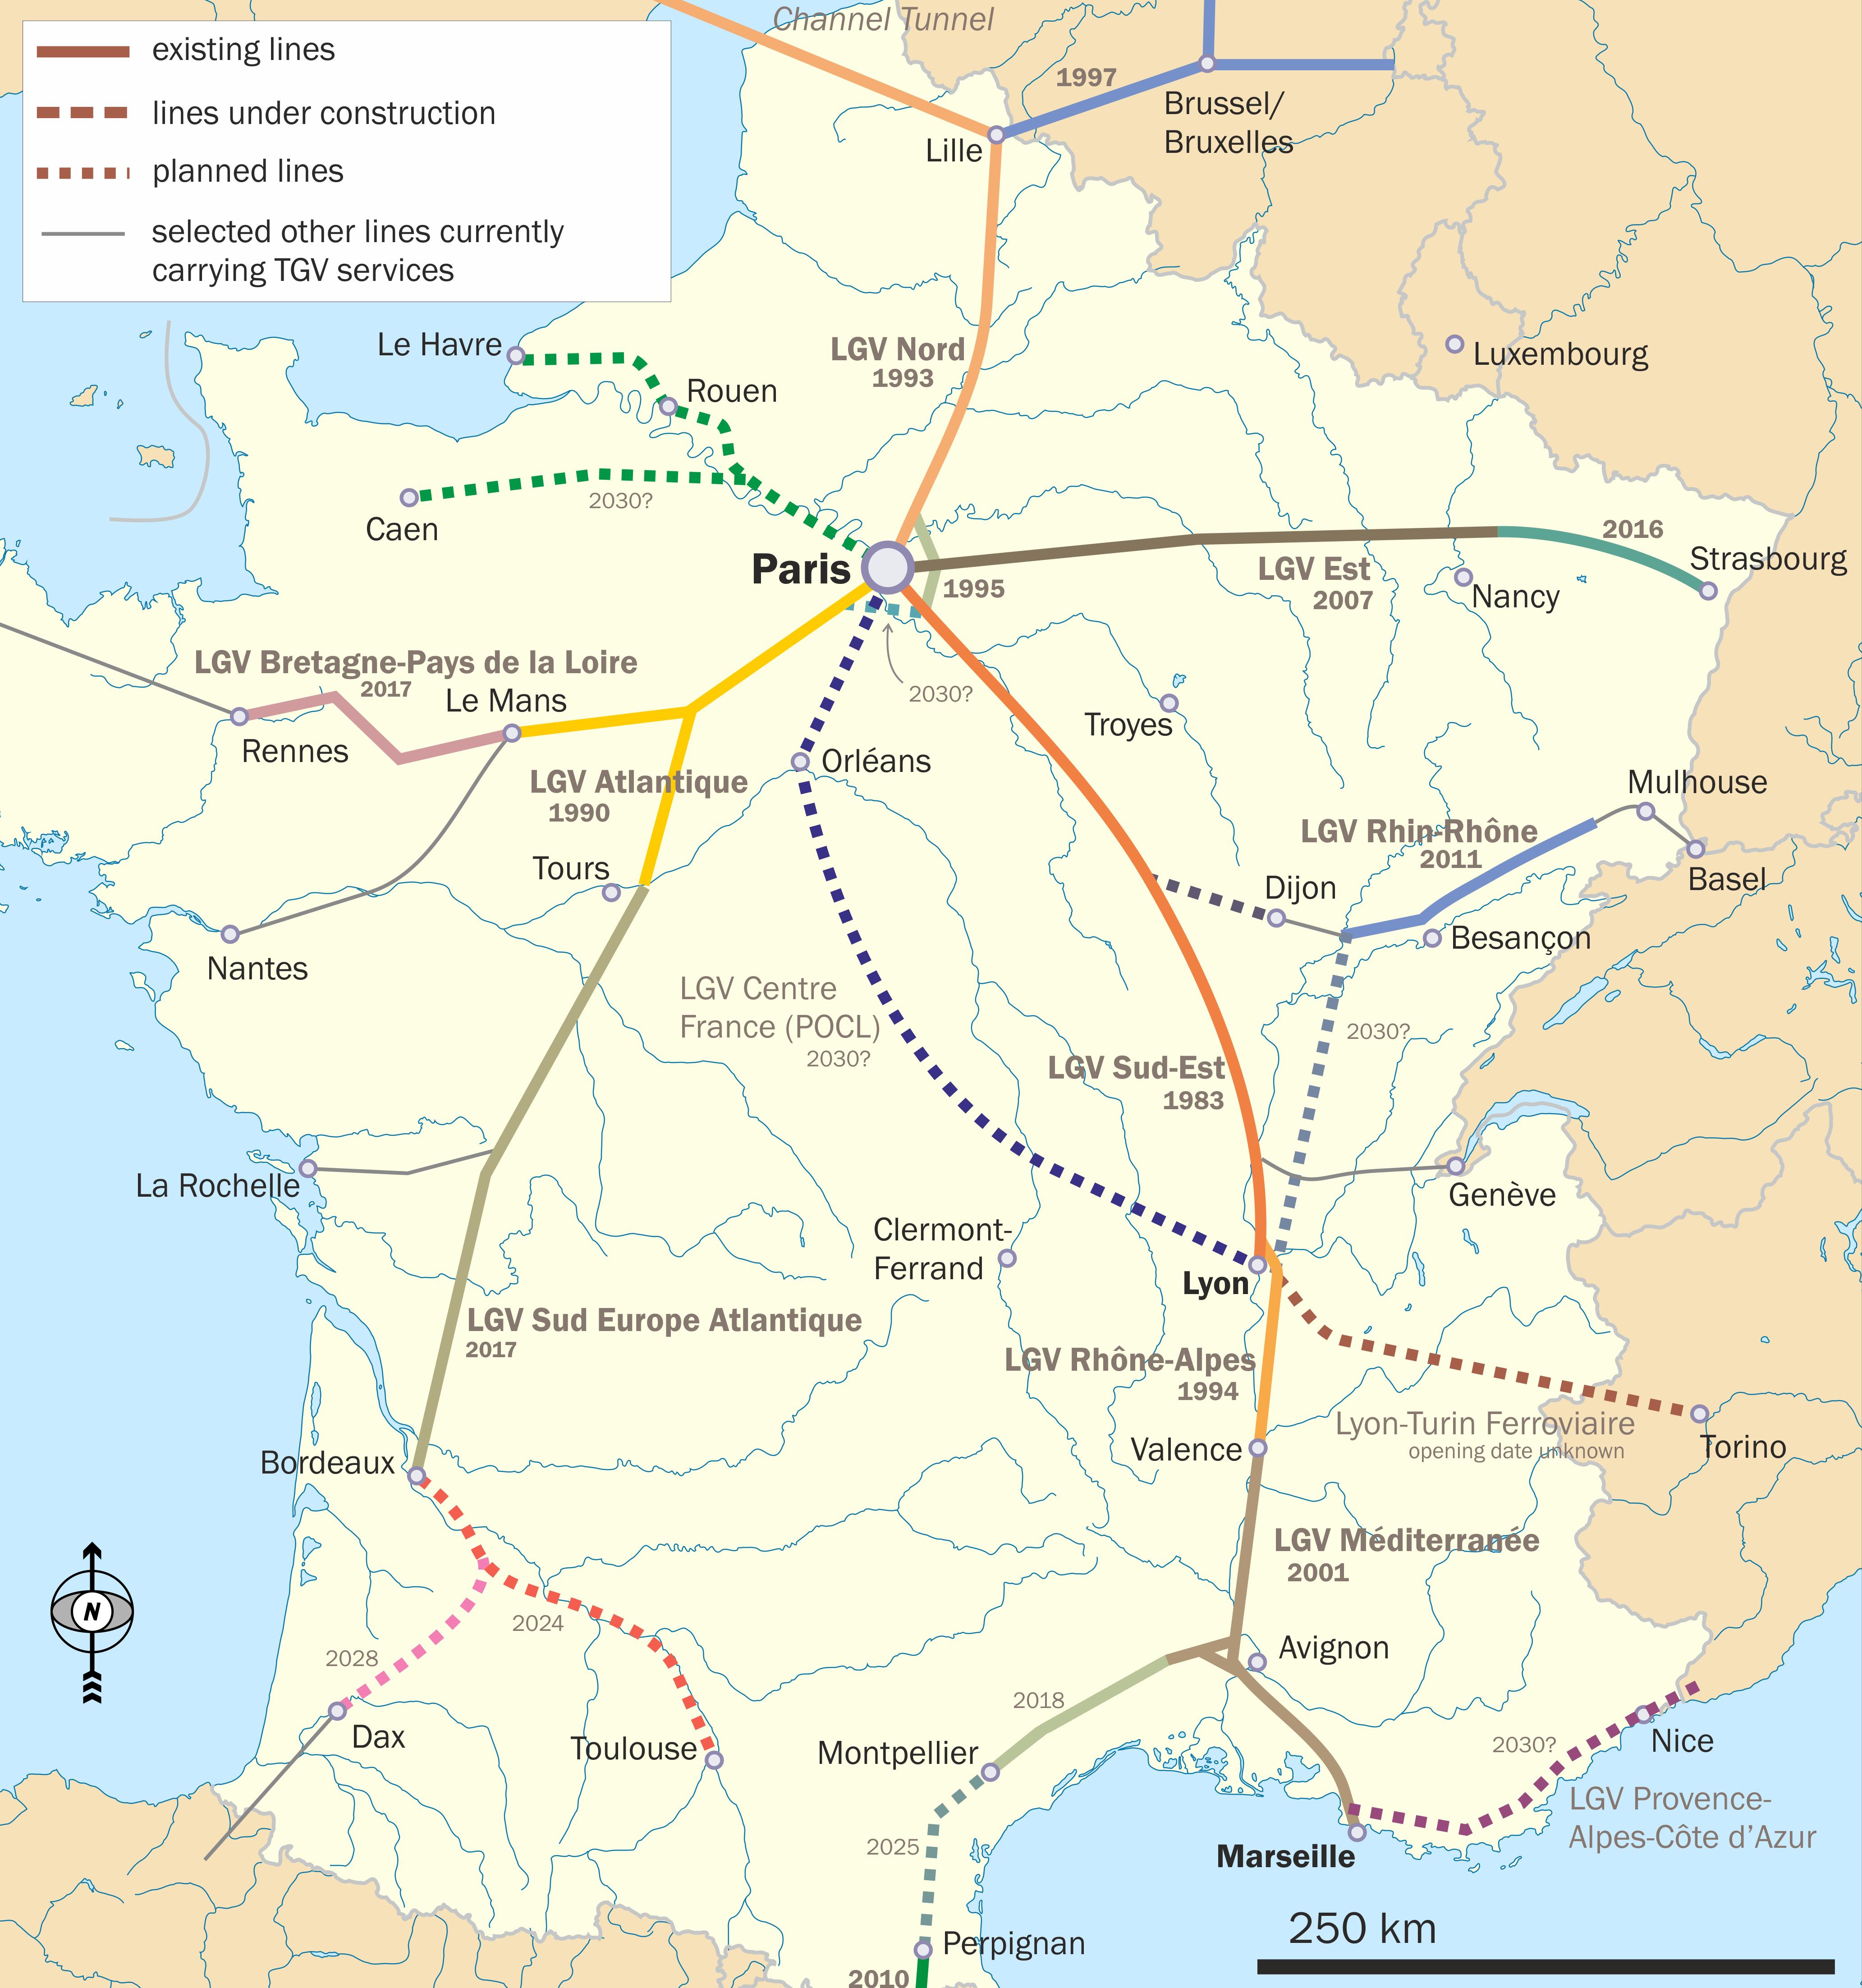 A nagysebességű LGV-hálózat napjainkra sugarasan behálózza Franciaországot, közvetlen járatokkal pedig már a szomszédos országokba is átér (képek forrása: Wikipedia)